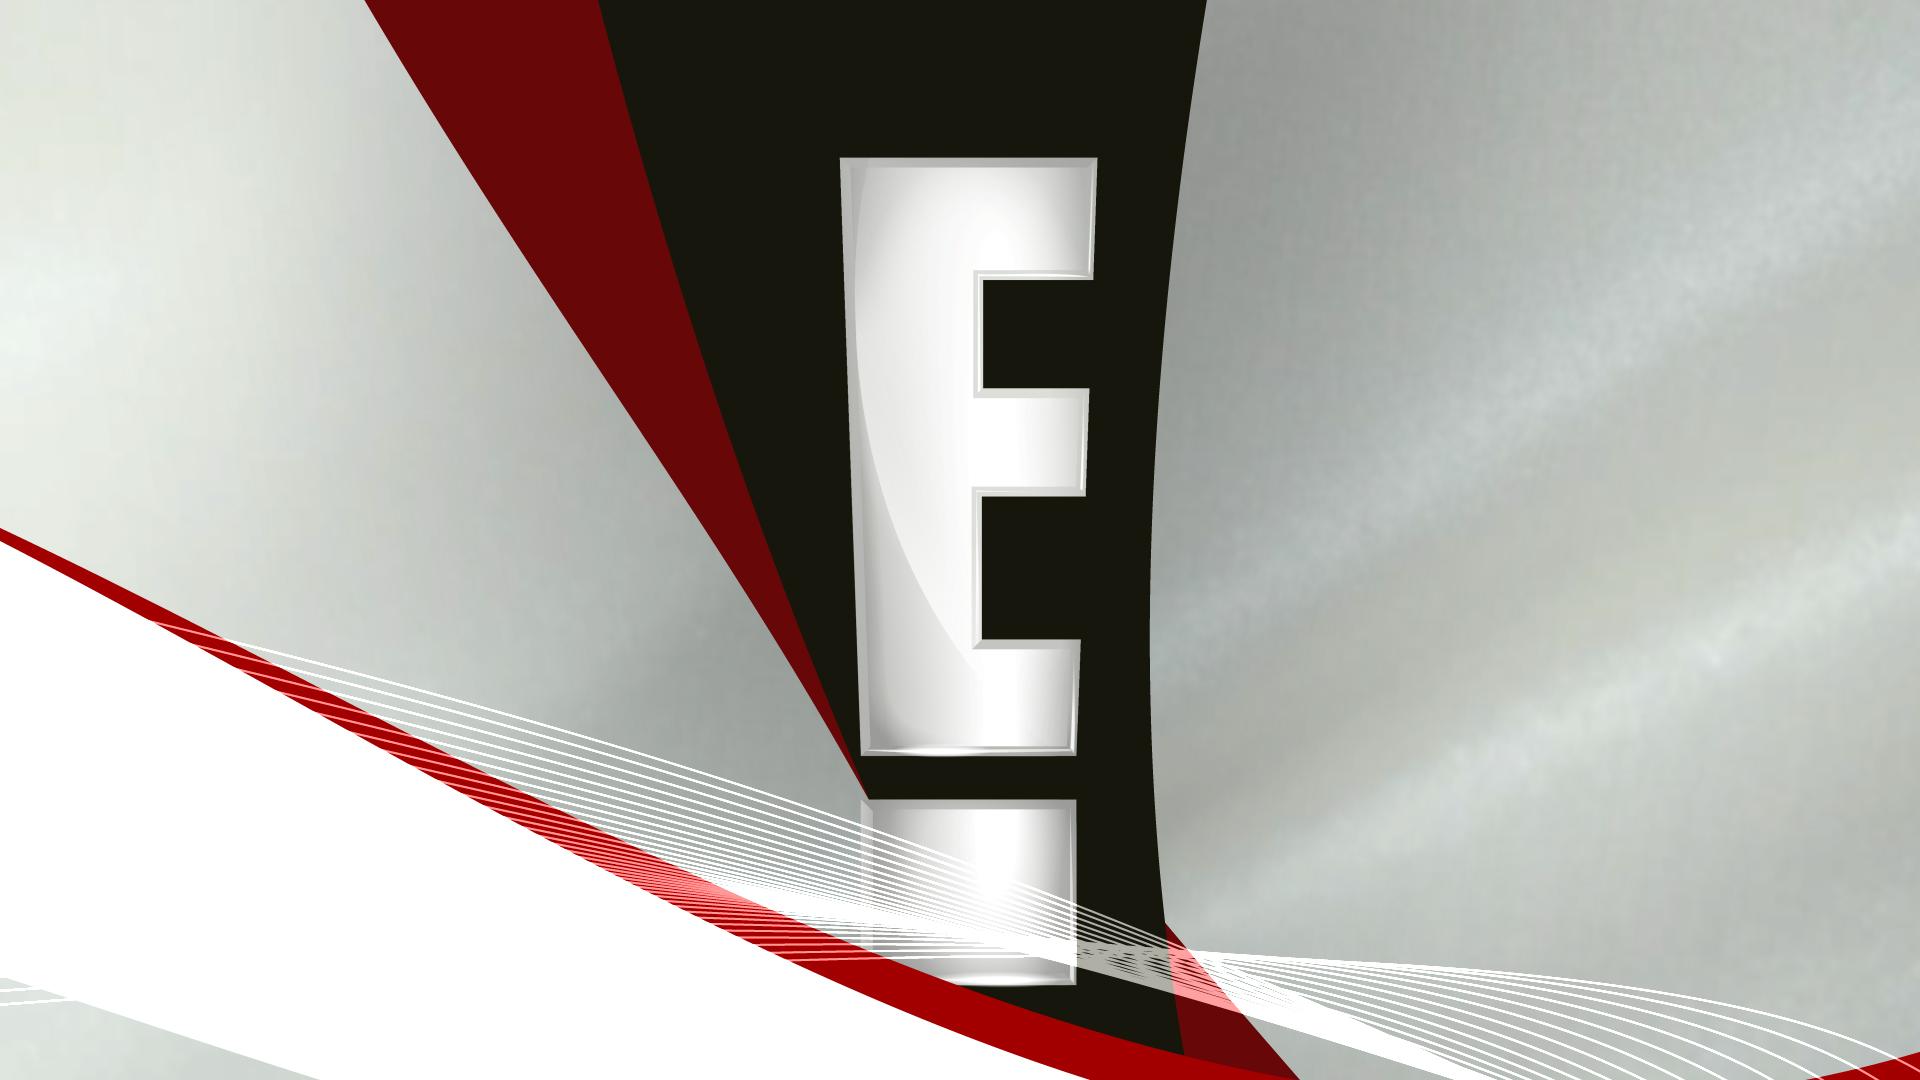 live tv broadcast design | Live from the Red Carpet | jonberrydesign